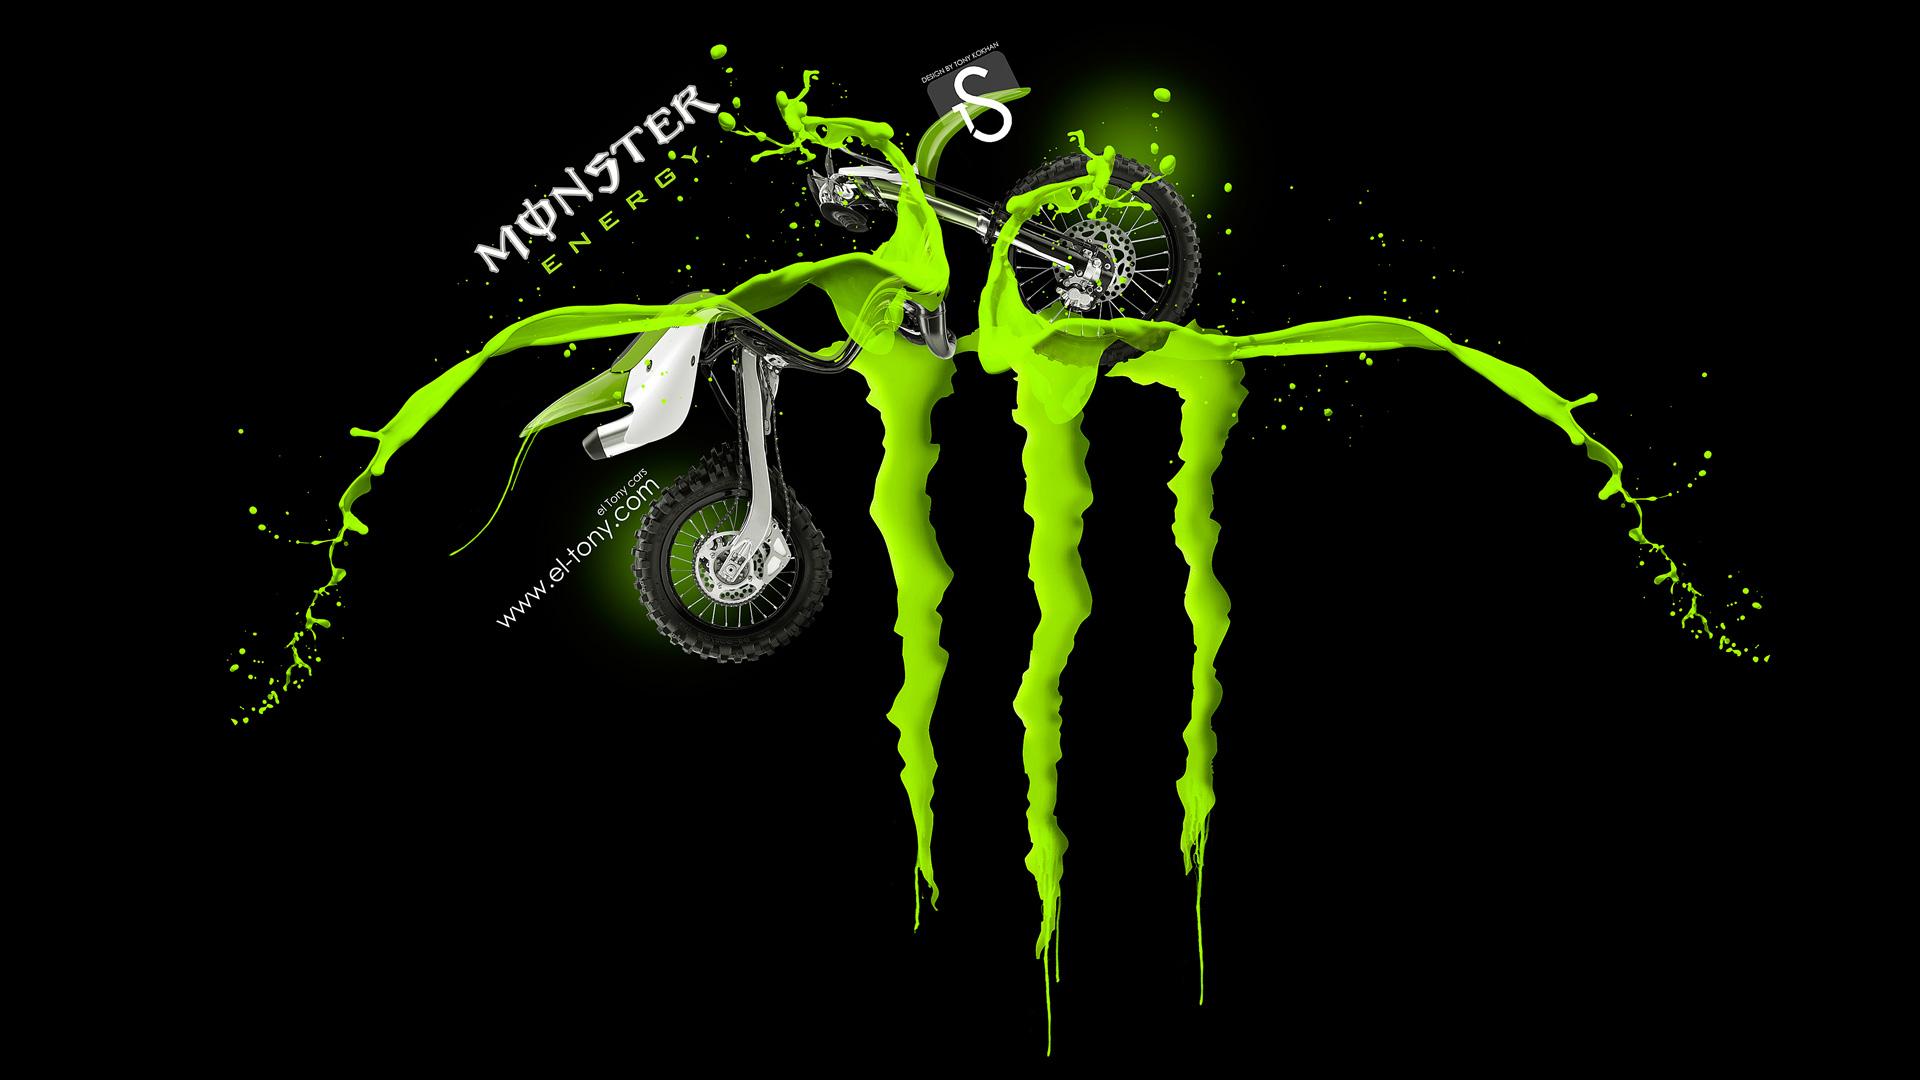 Monster Energy Monster Energy Pinterest Monster Energy and 1920x1080